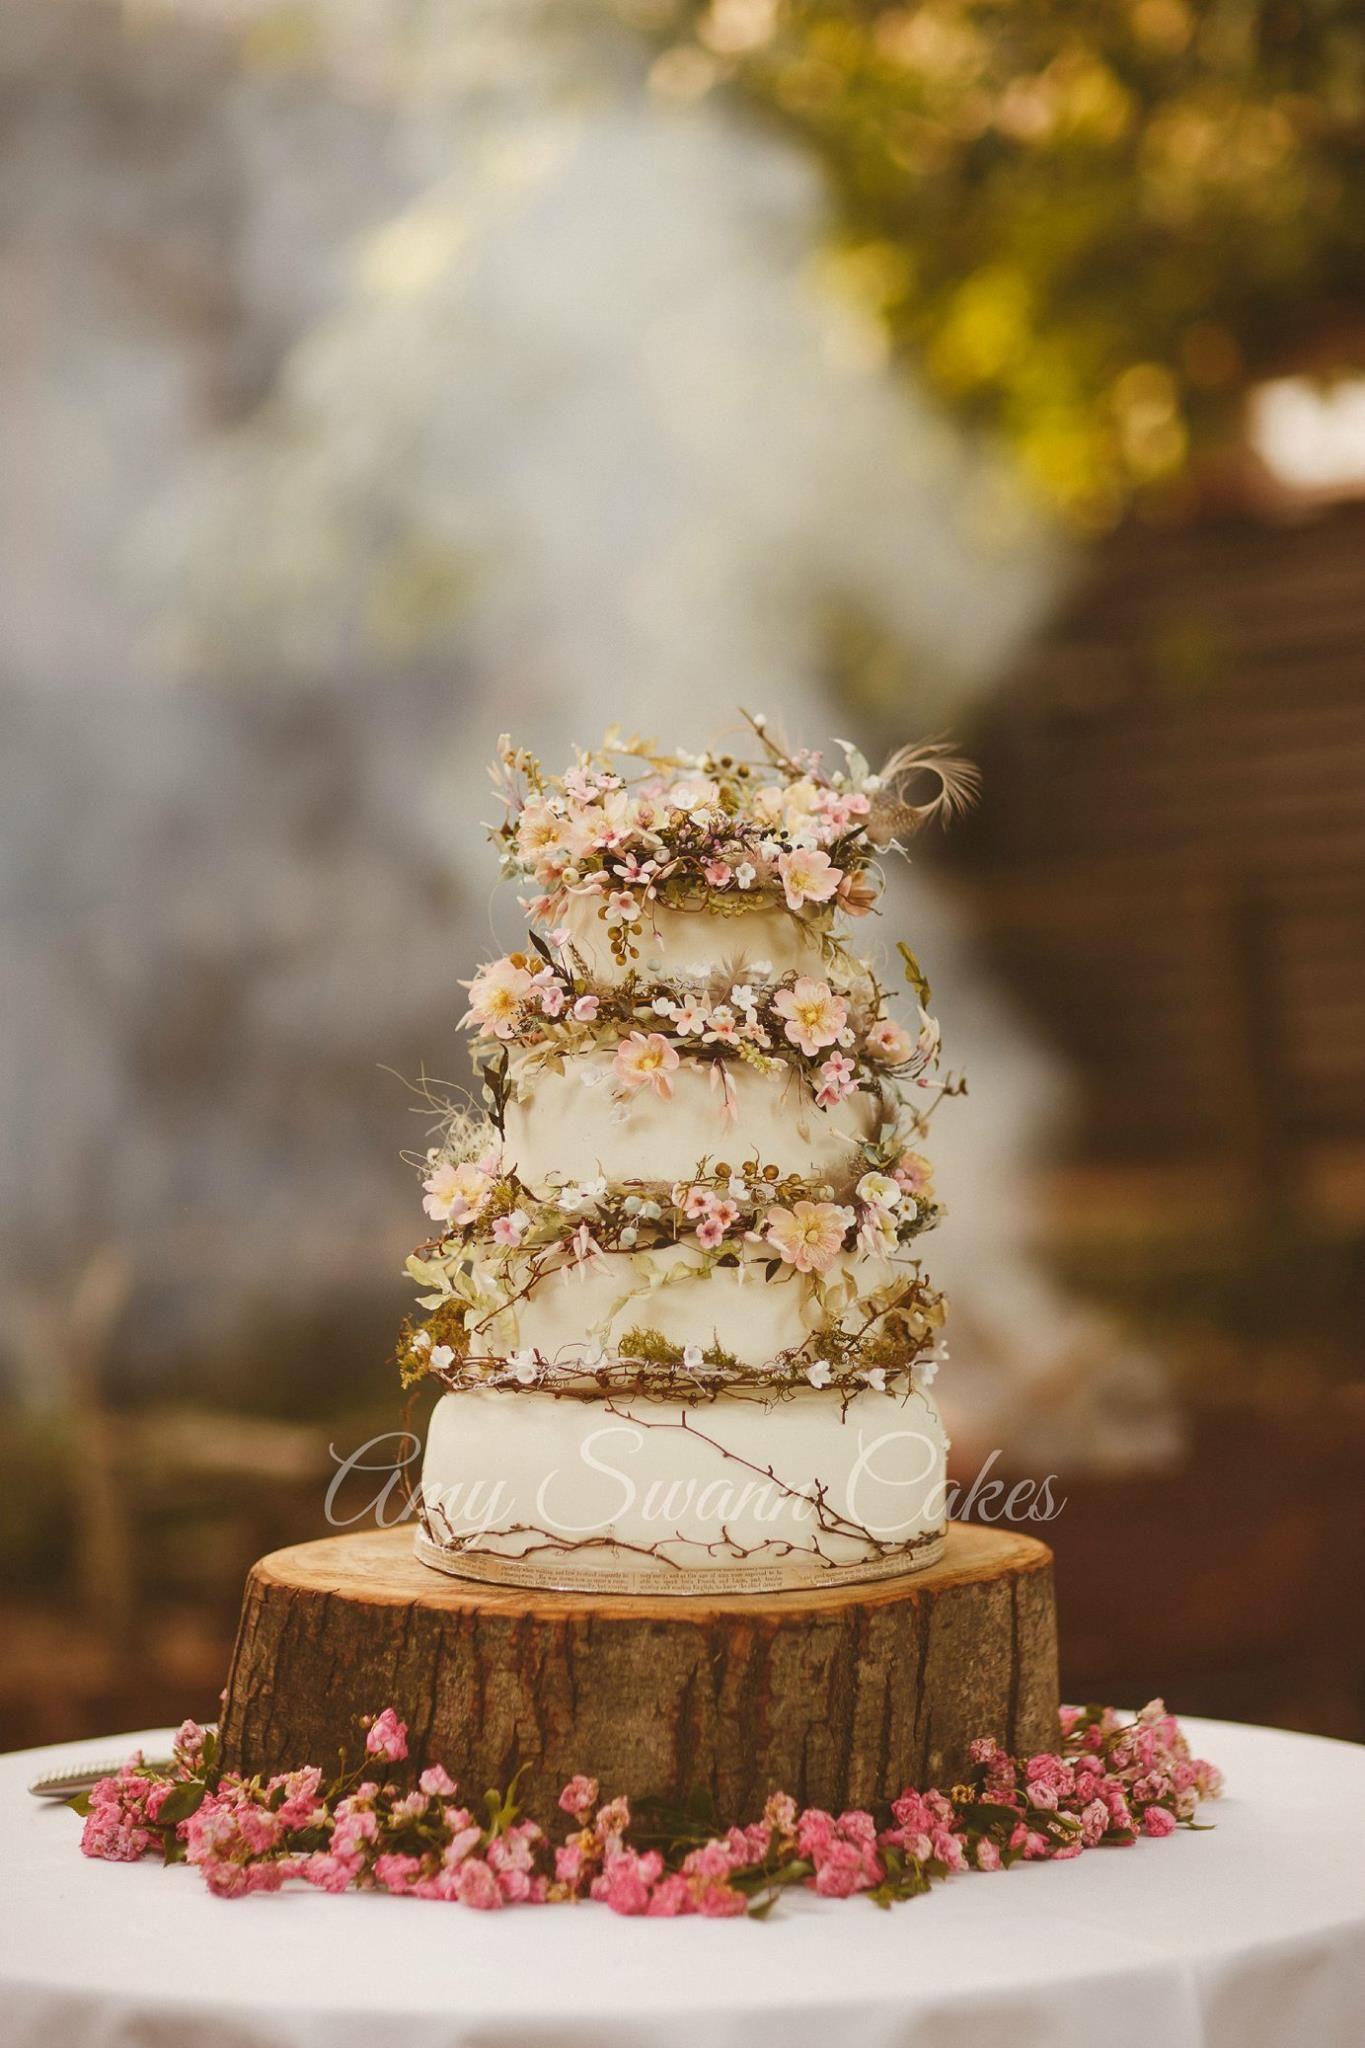 Amy Swann Cakes Wedding cake decorations, Wedding cake